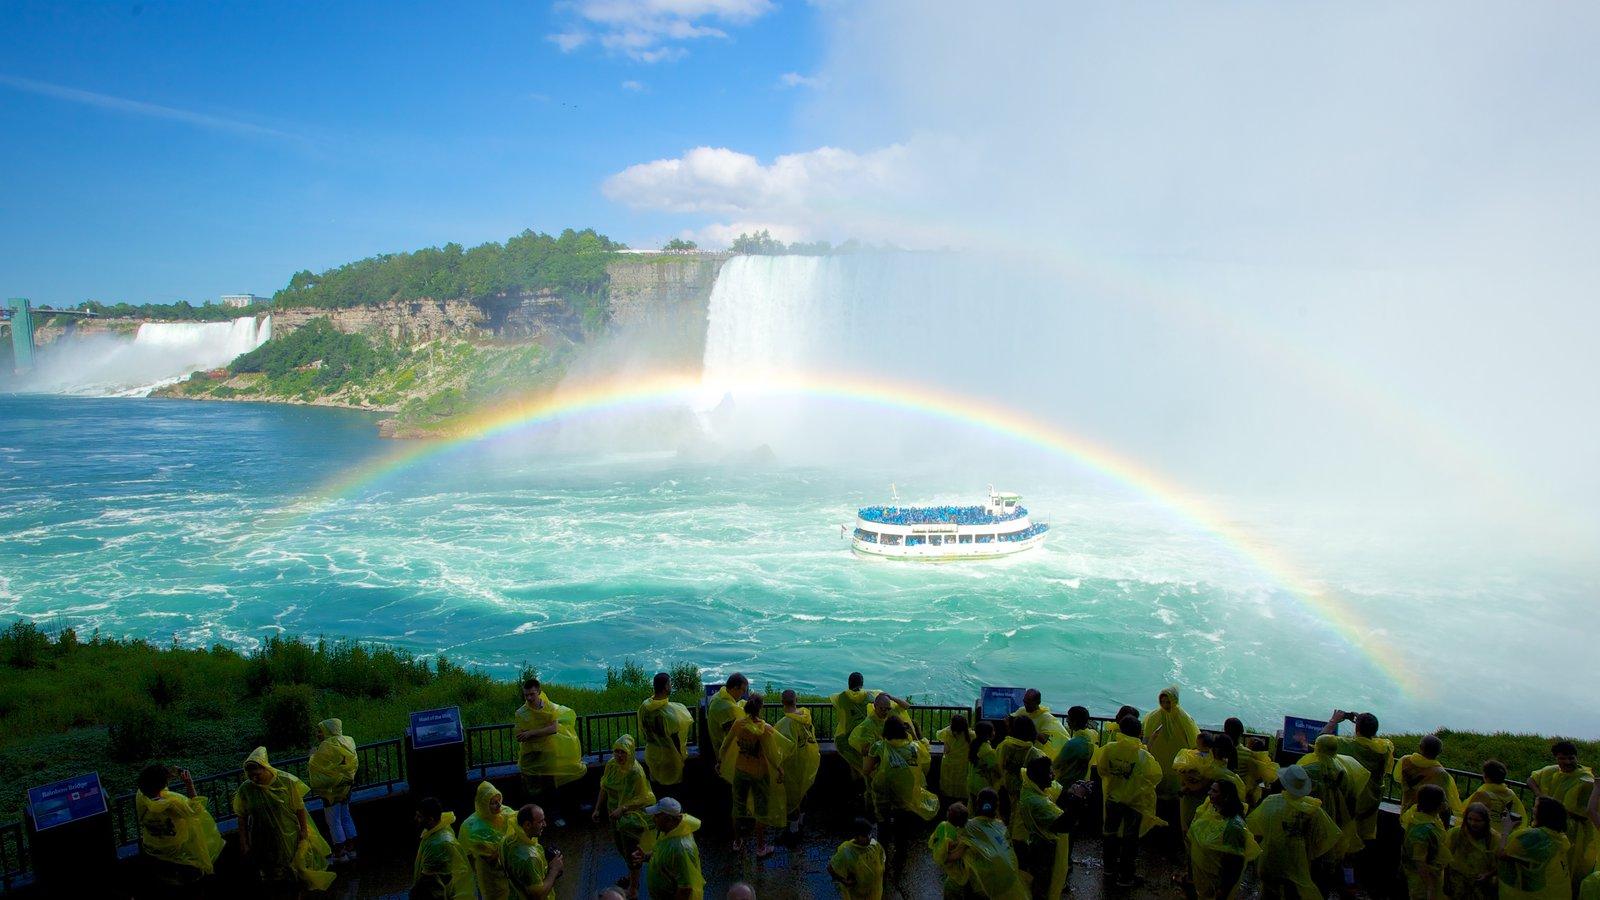 Journey Behind The Falls mostrando canoagem, paisagem e um rio ou córrego